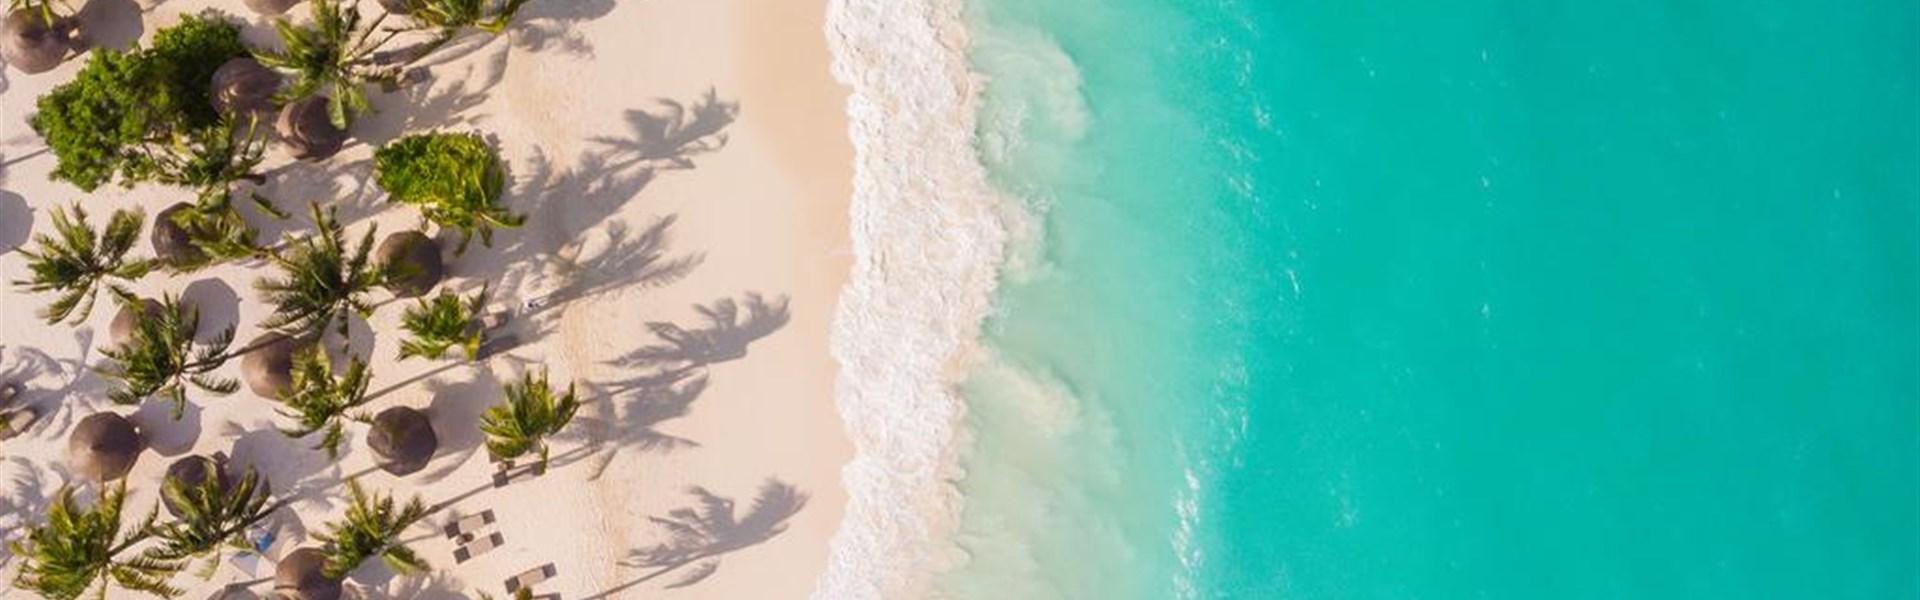 Zuri Zanzibar - dokonalá dovolená na Zanzibaru -